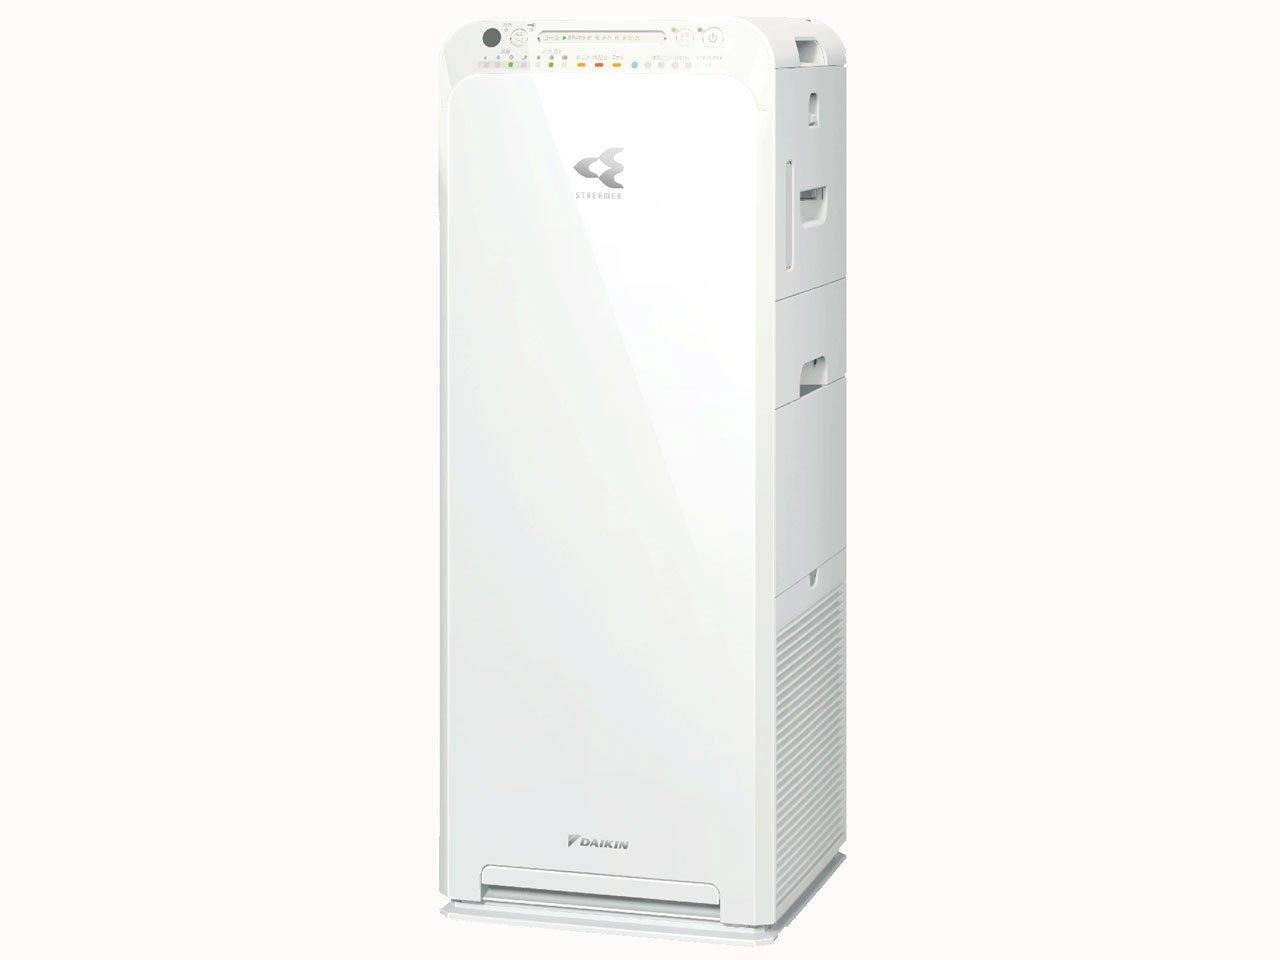 超格安価格 ダイキン 加湿 ストリーマ空気清浄機 ACK55S-W ホワイト B015GMGFFA ホワイト 空清~25畳 ACK55S-W 加湿~14畳 B015GMGFFA, チクマシ:0e123539 --- svecha37.ru